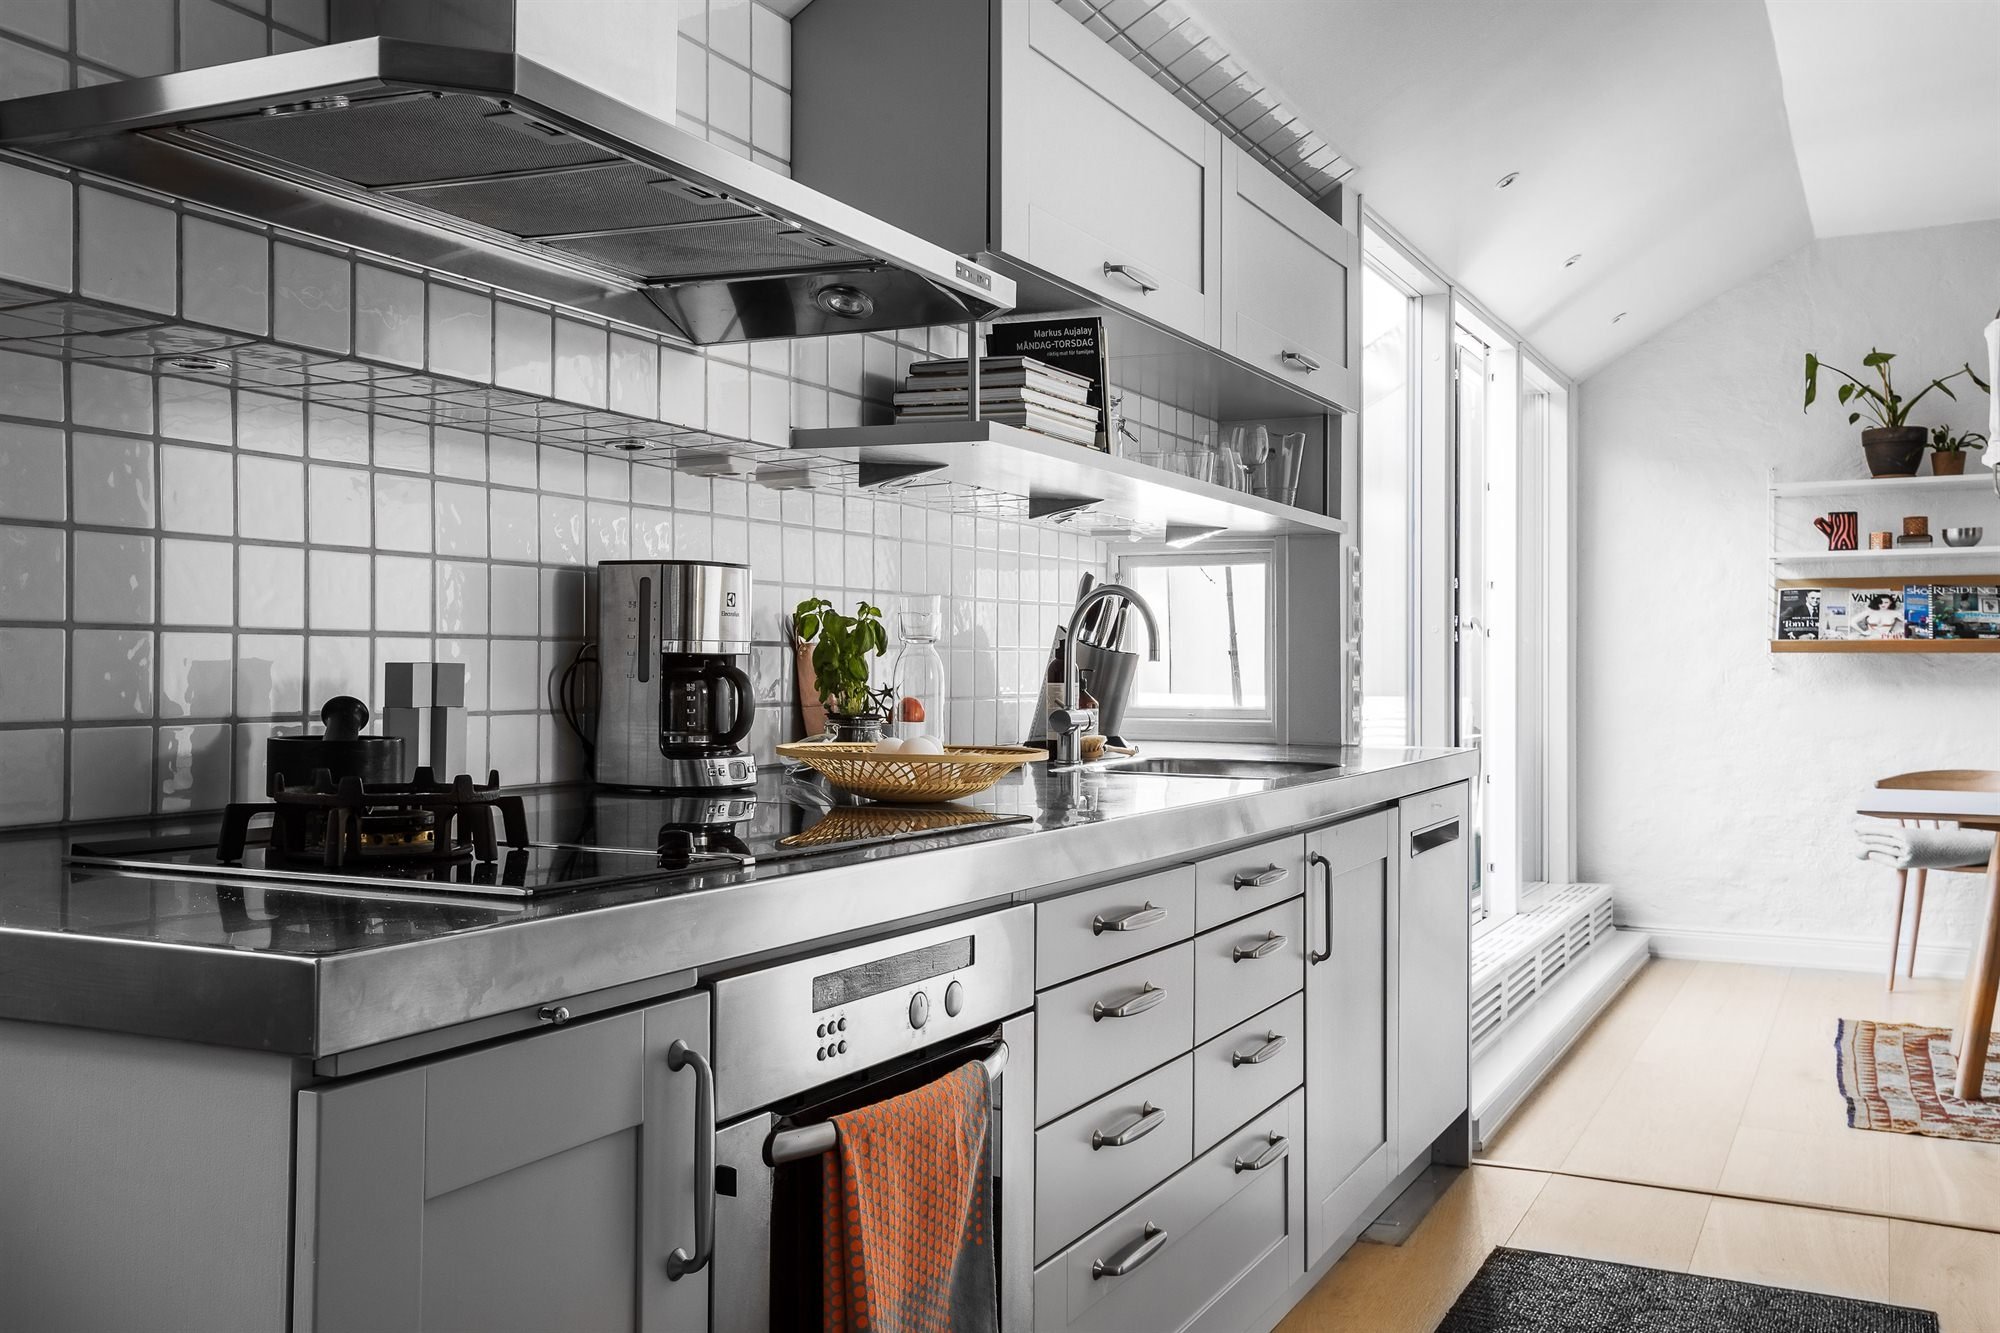 кухня серые фасады белая плитка кухонная техника